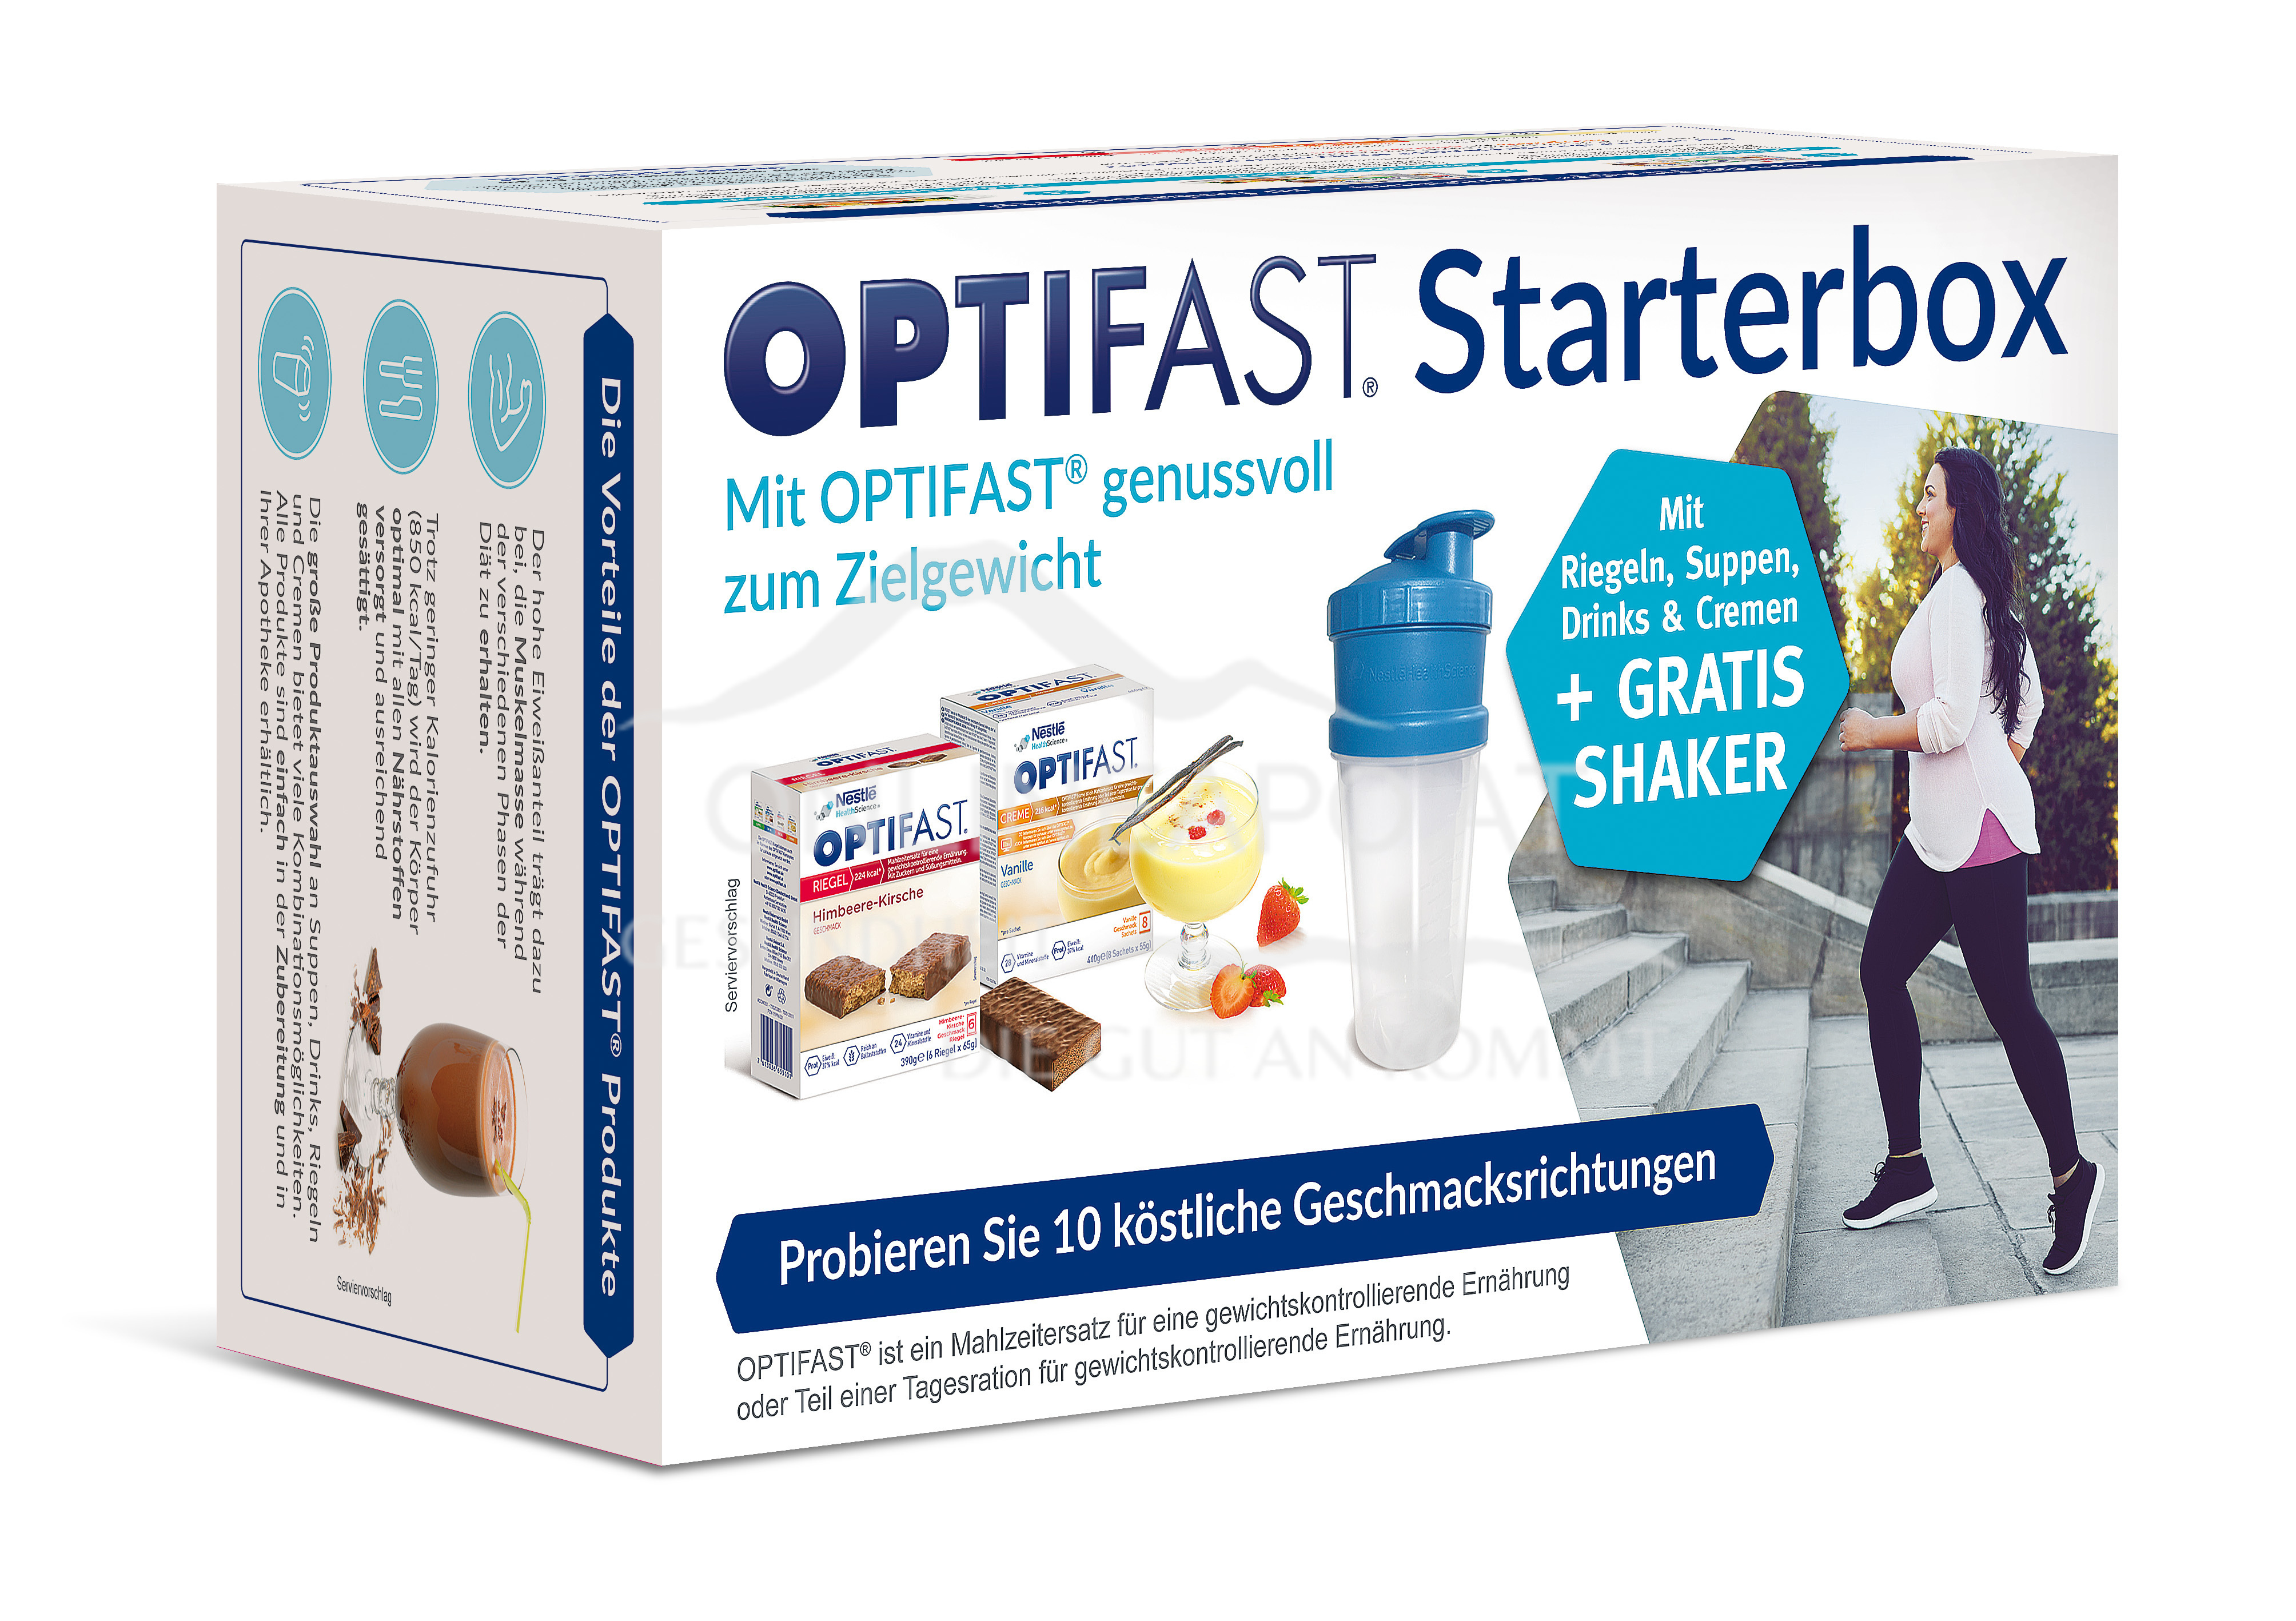 Optifast® Starterbox